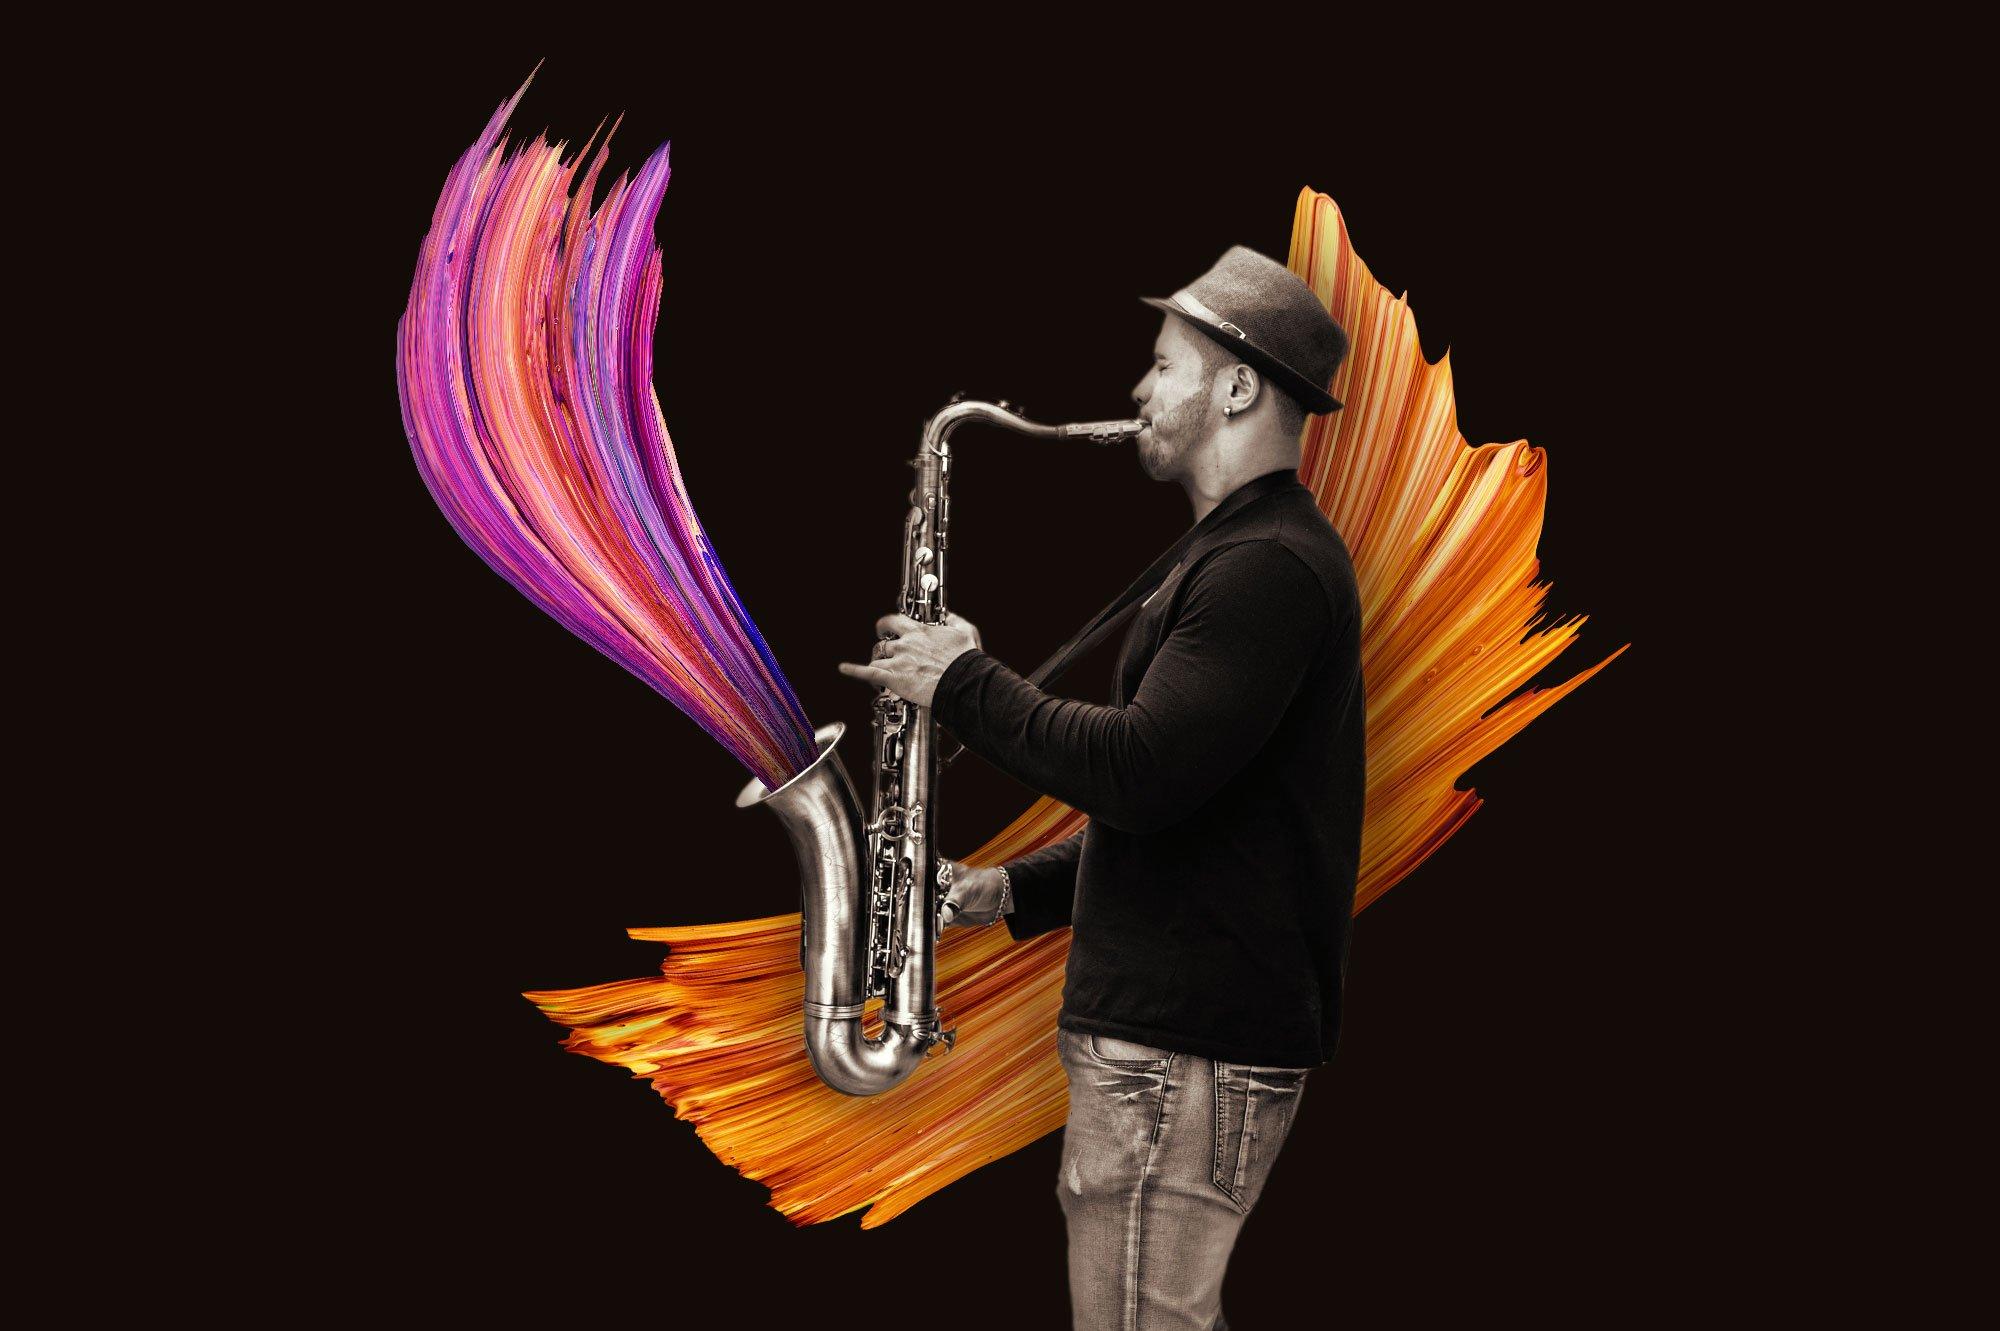 创意炫彩绘画颜料笔刷海报主视觉广告设计PS素材 Vibrant Paint Strokes插图(9)